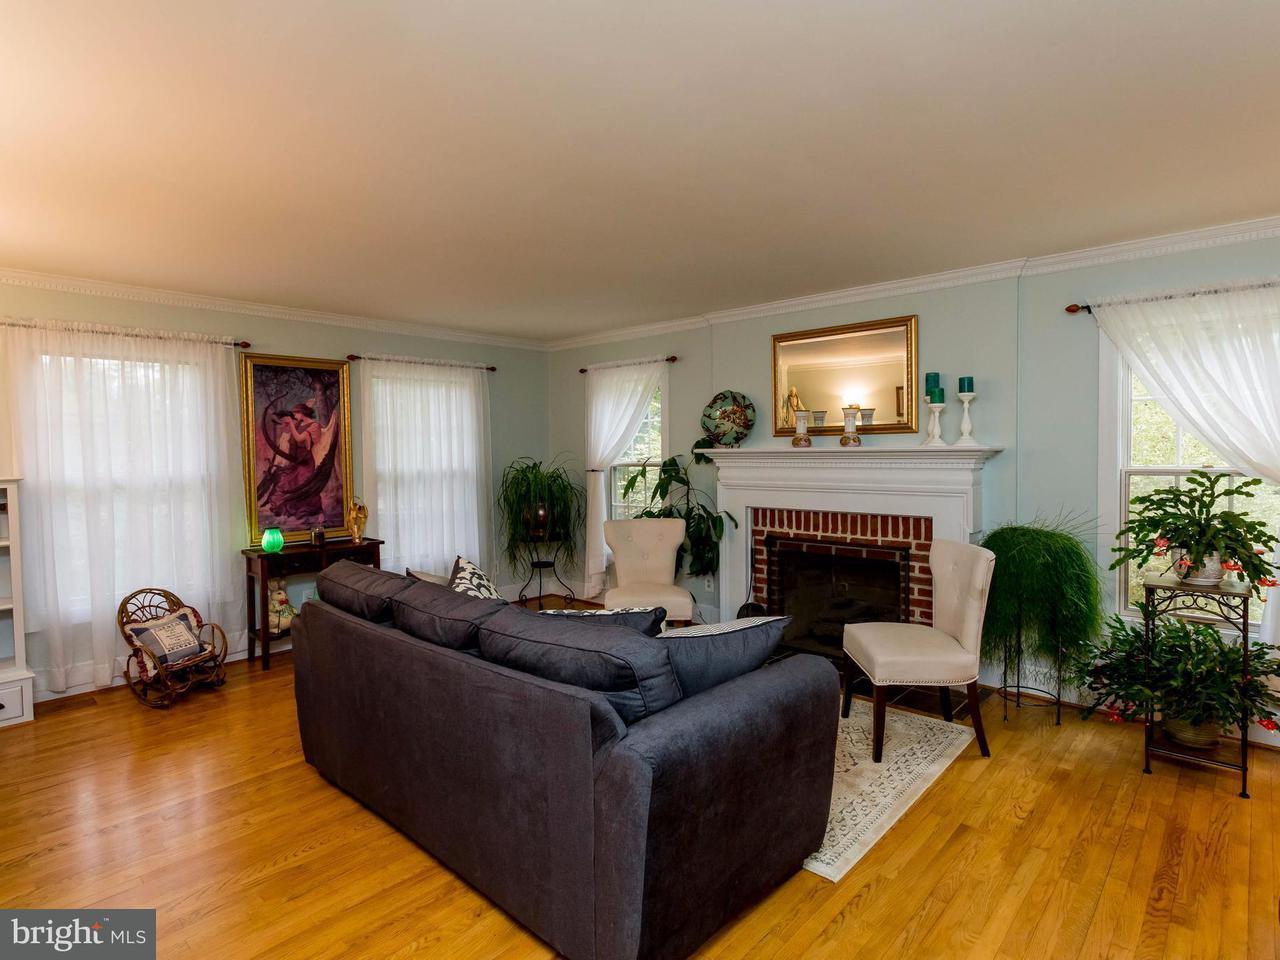 Μονοκατοικία για την Πώληση στο 13390 Cameron Court 13390 Cameron Court Boston, Βιρτζινια 22713 Ηνωμενεσ Πολιτειεσ